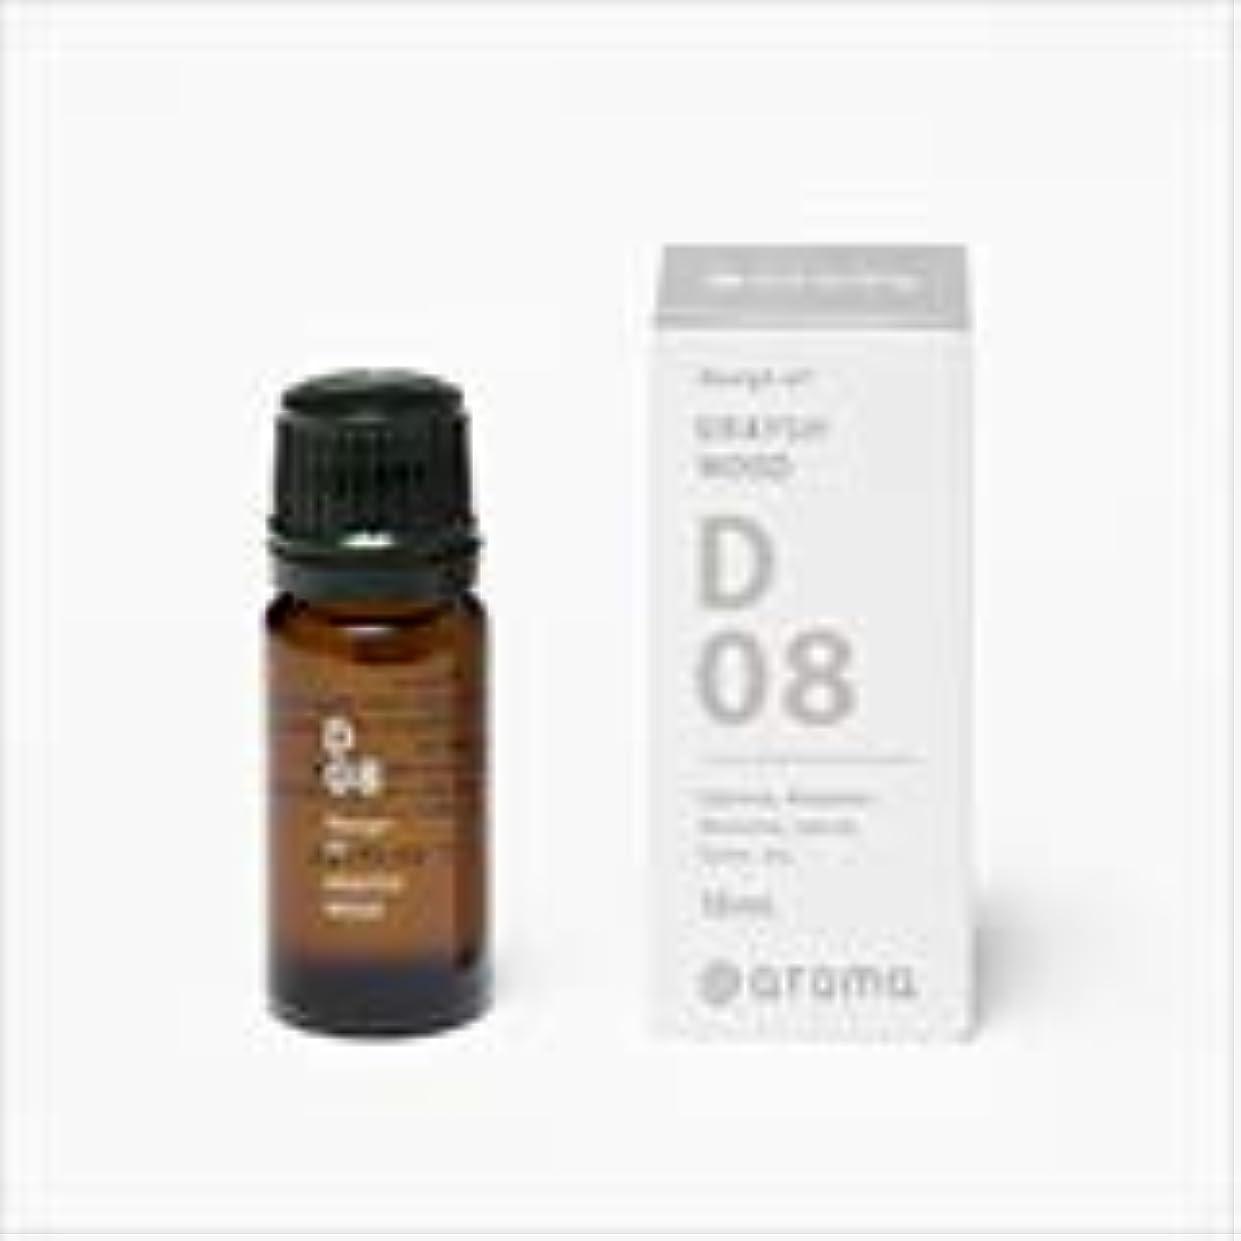 実施する散歩に行く魔術師アットアロマ 100%pure essential oil <Design air コンフォートリラックス>